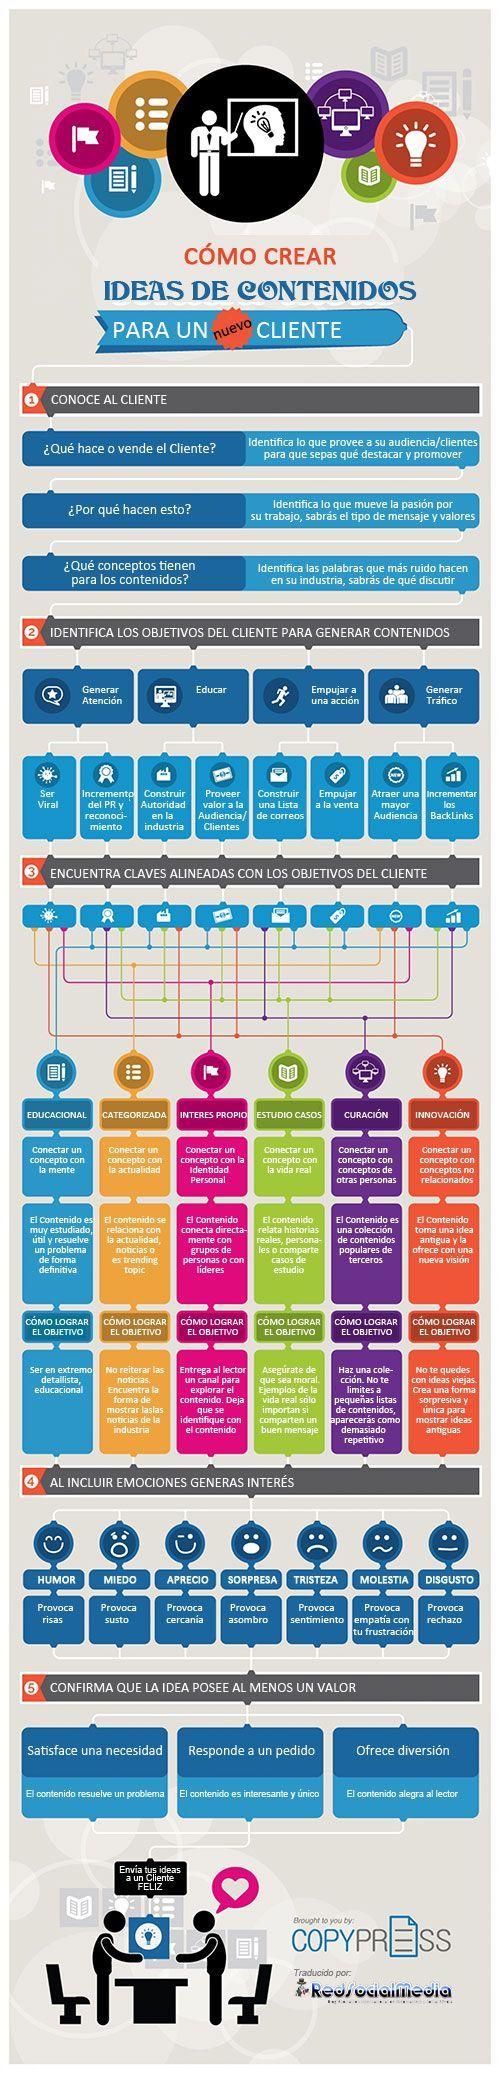 Crear contenido para un cliente #SocialMedia